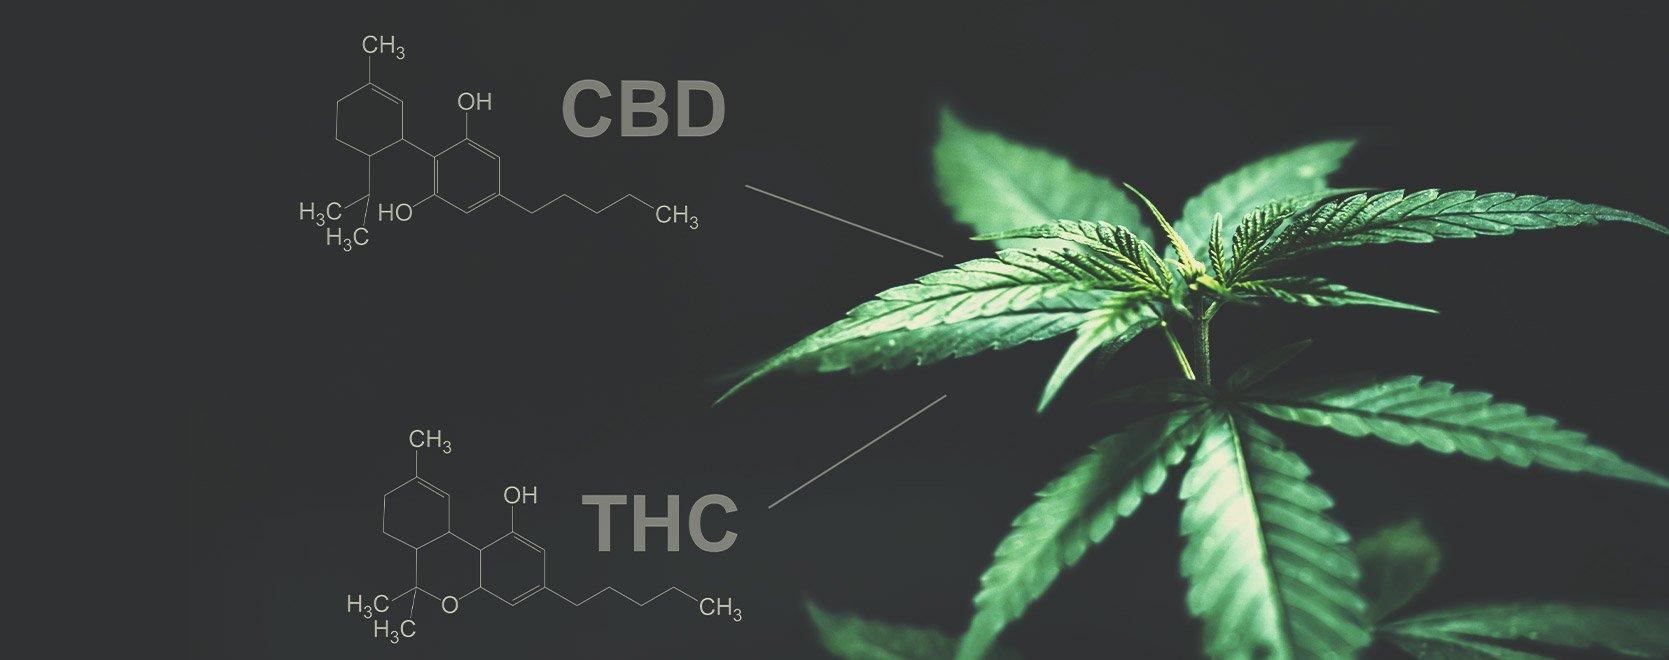 ¿Hay alguna diferencia entre el THC y el CBD en este sentido?